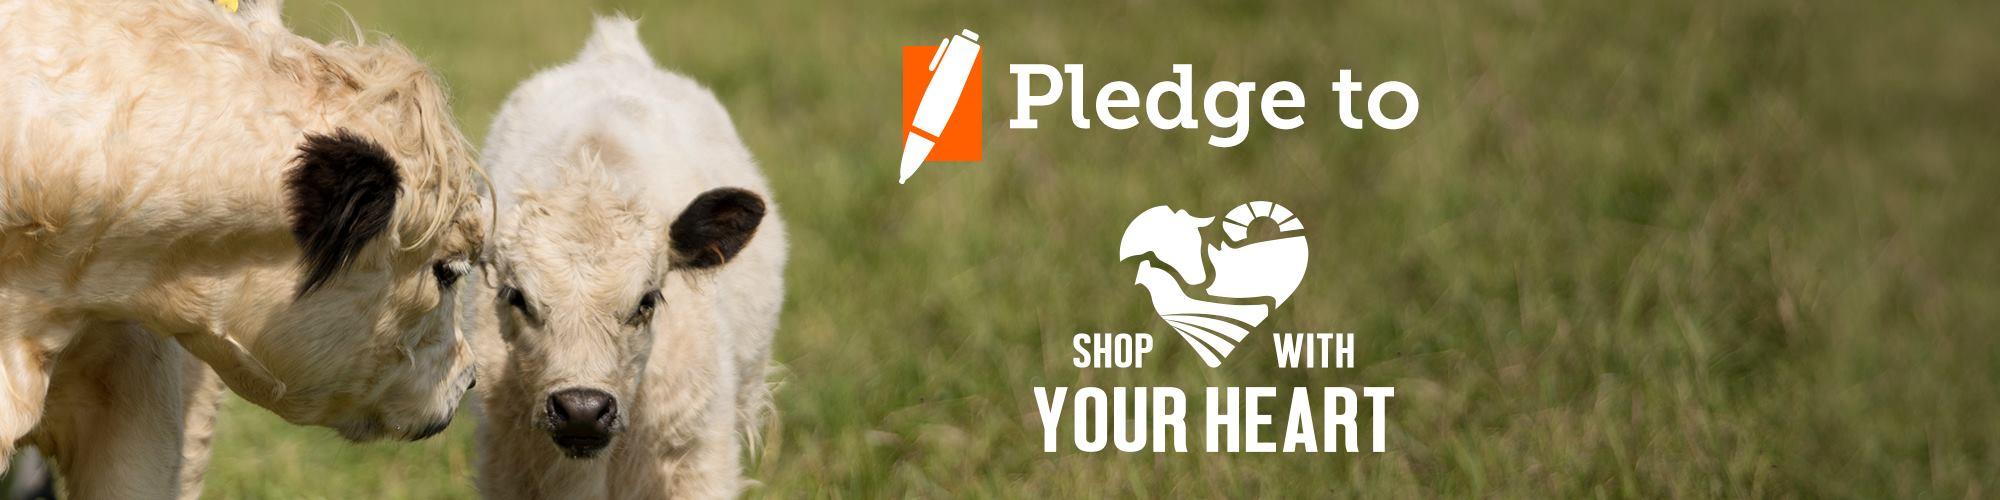 ASPCA-pledge